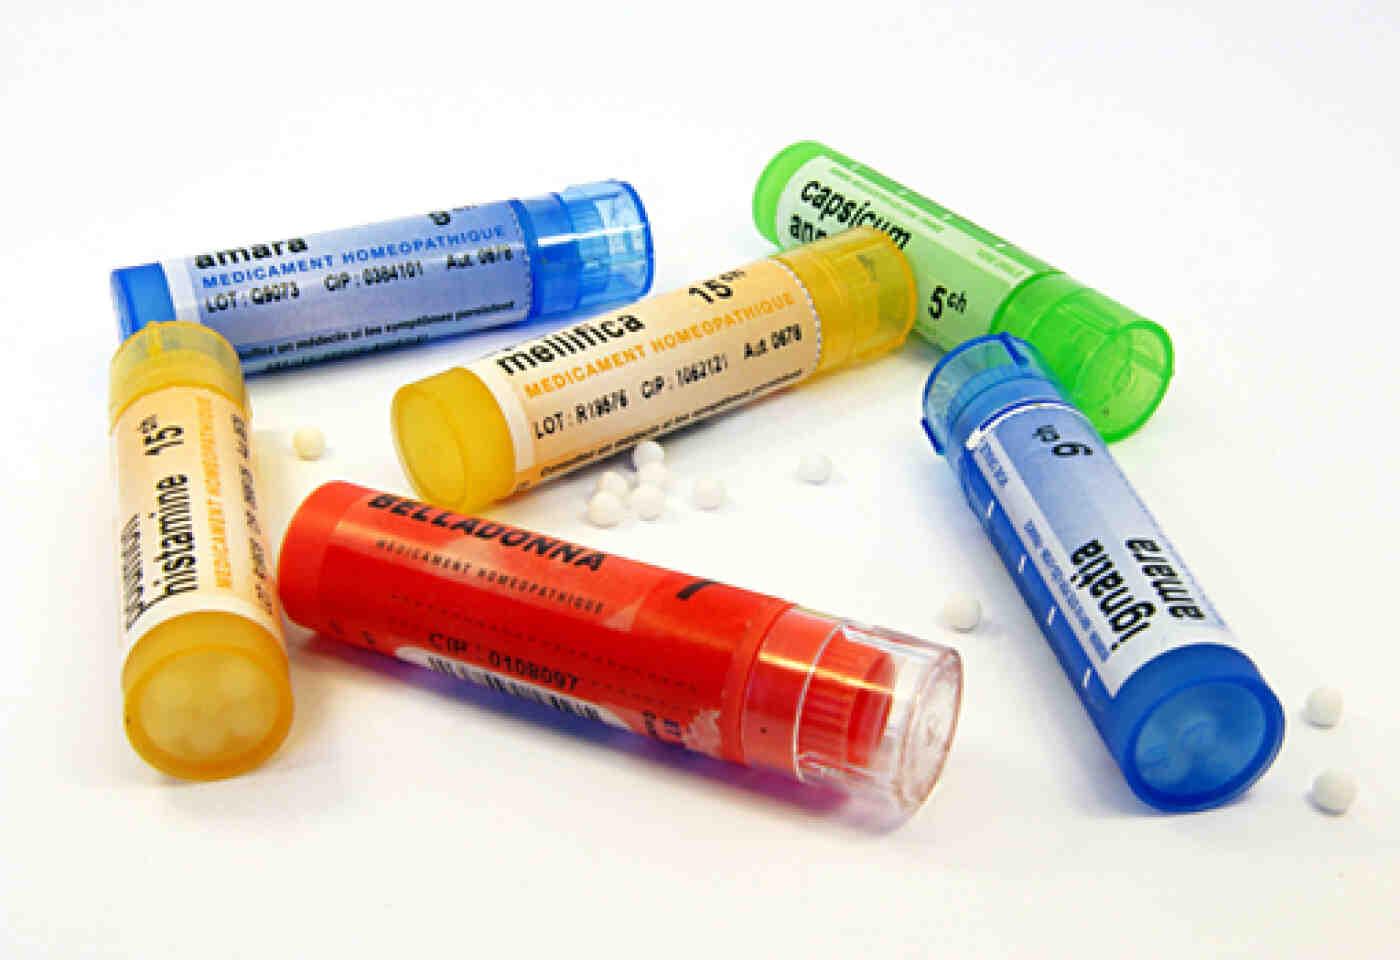 Puis-je prendre plusieurs médicaments homéopathiques en même temps?